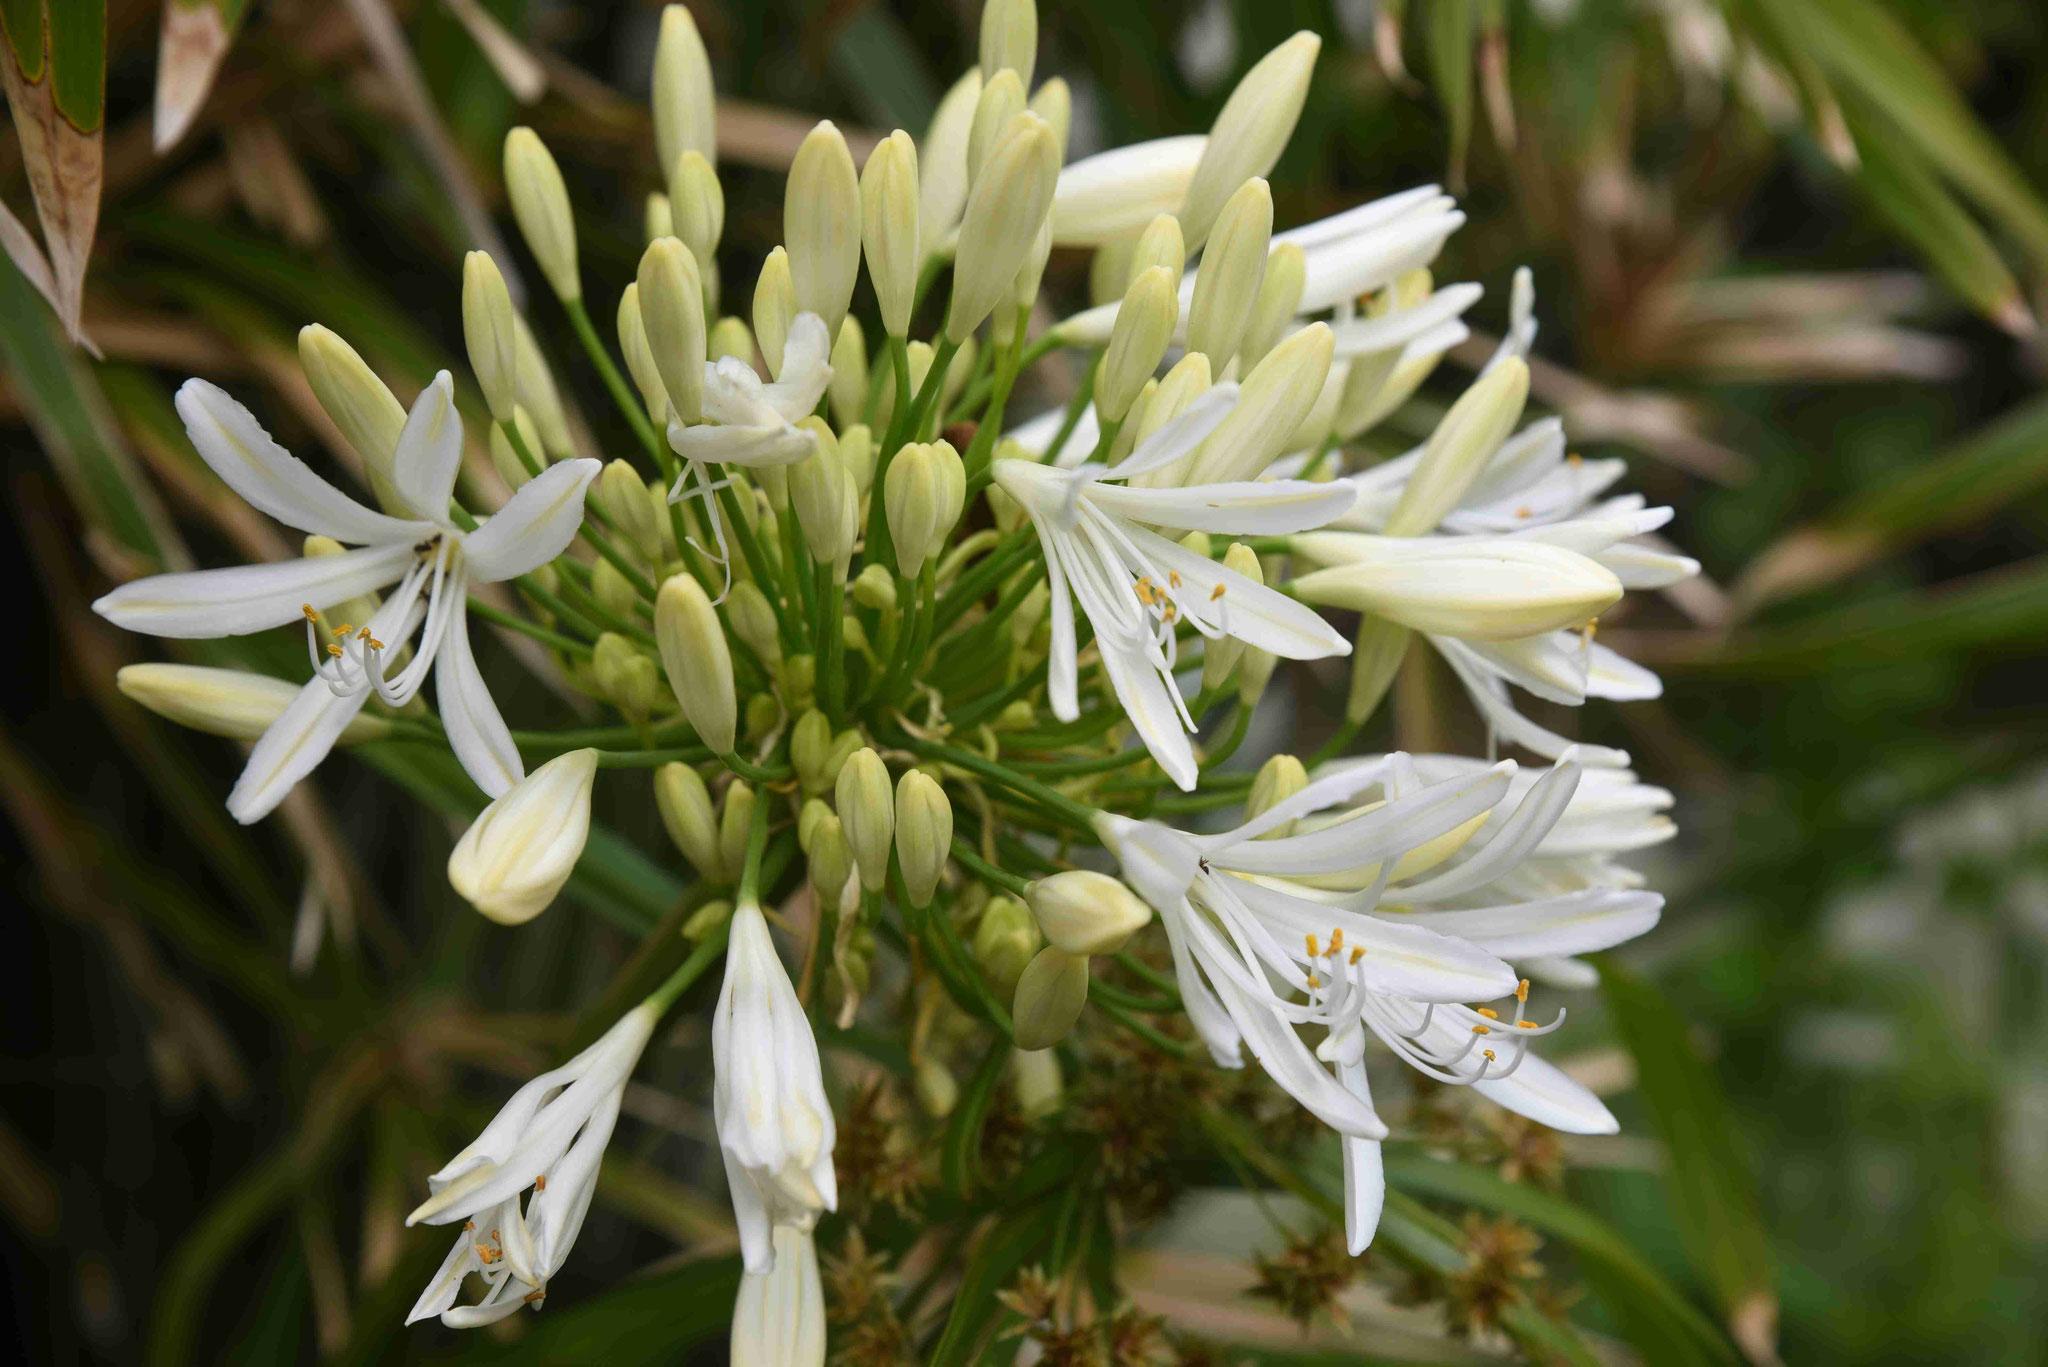 Schöne Blumen findet man viele im Park und auf den Inseln